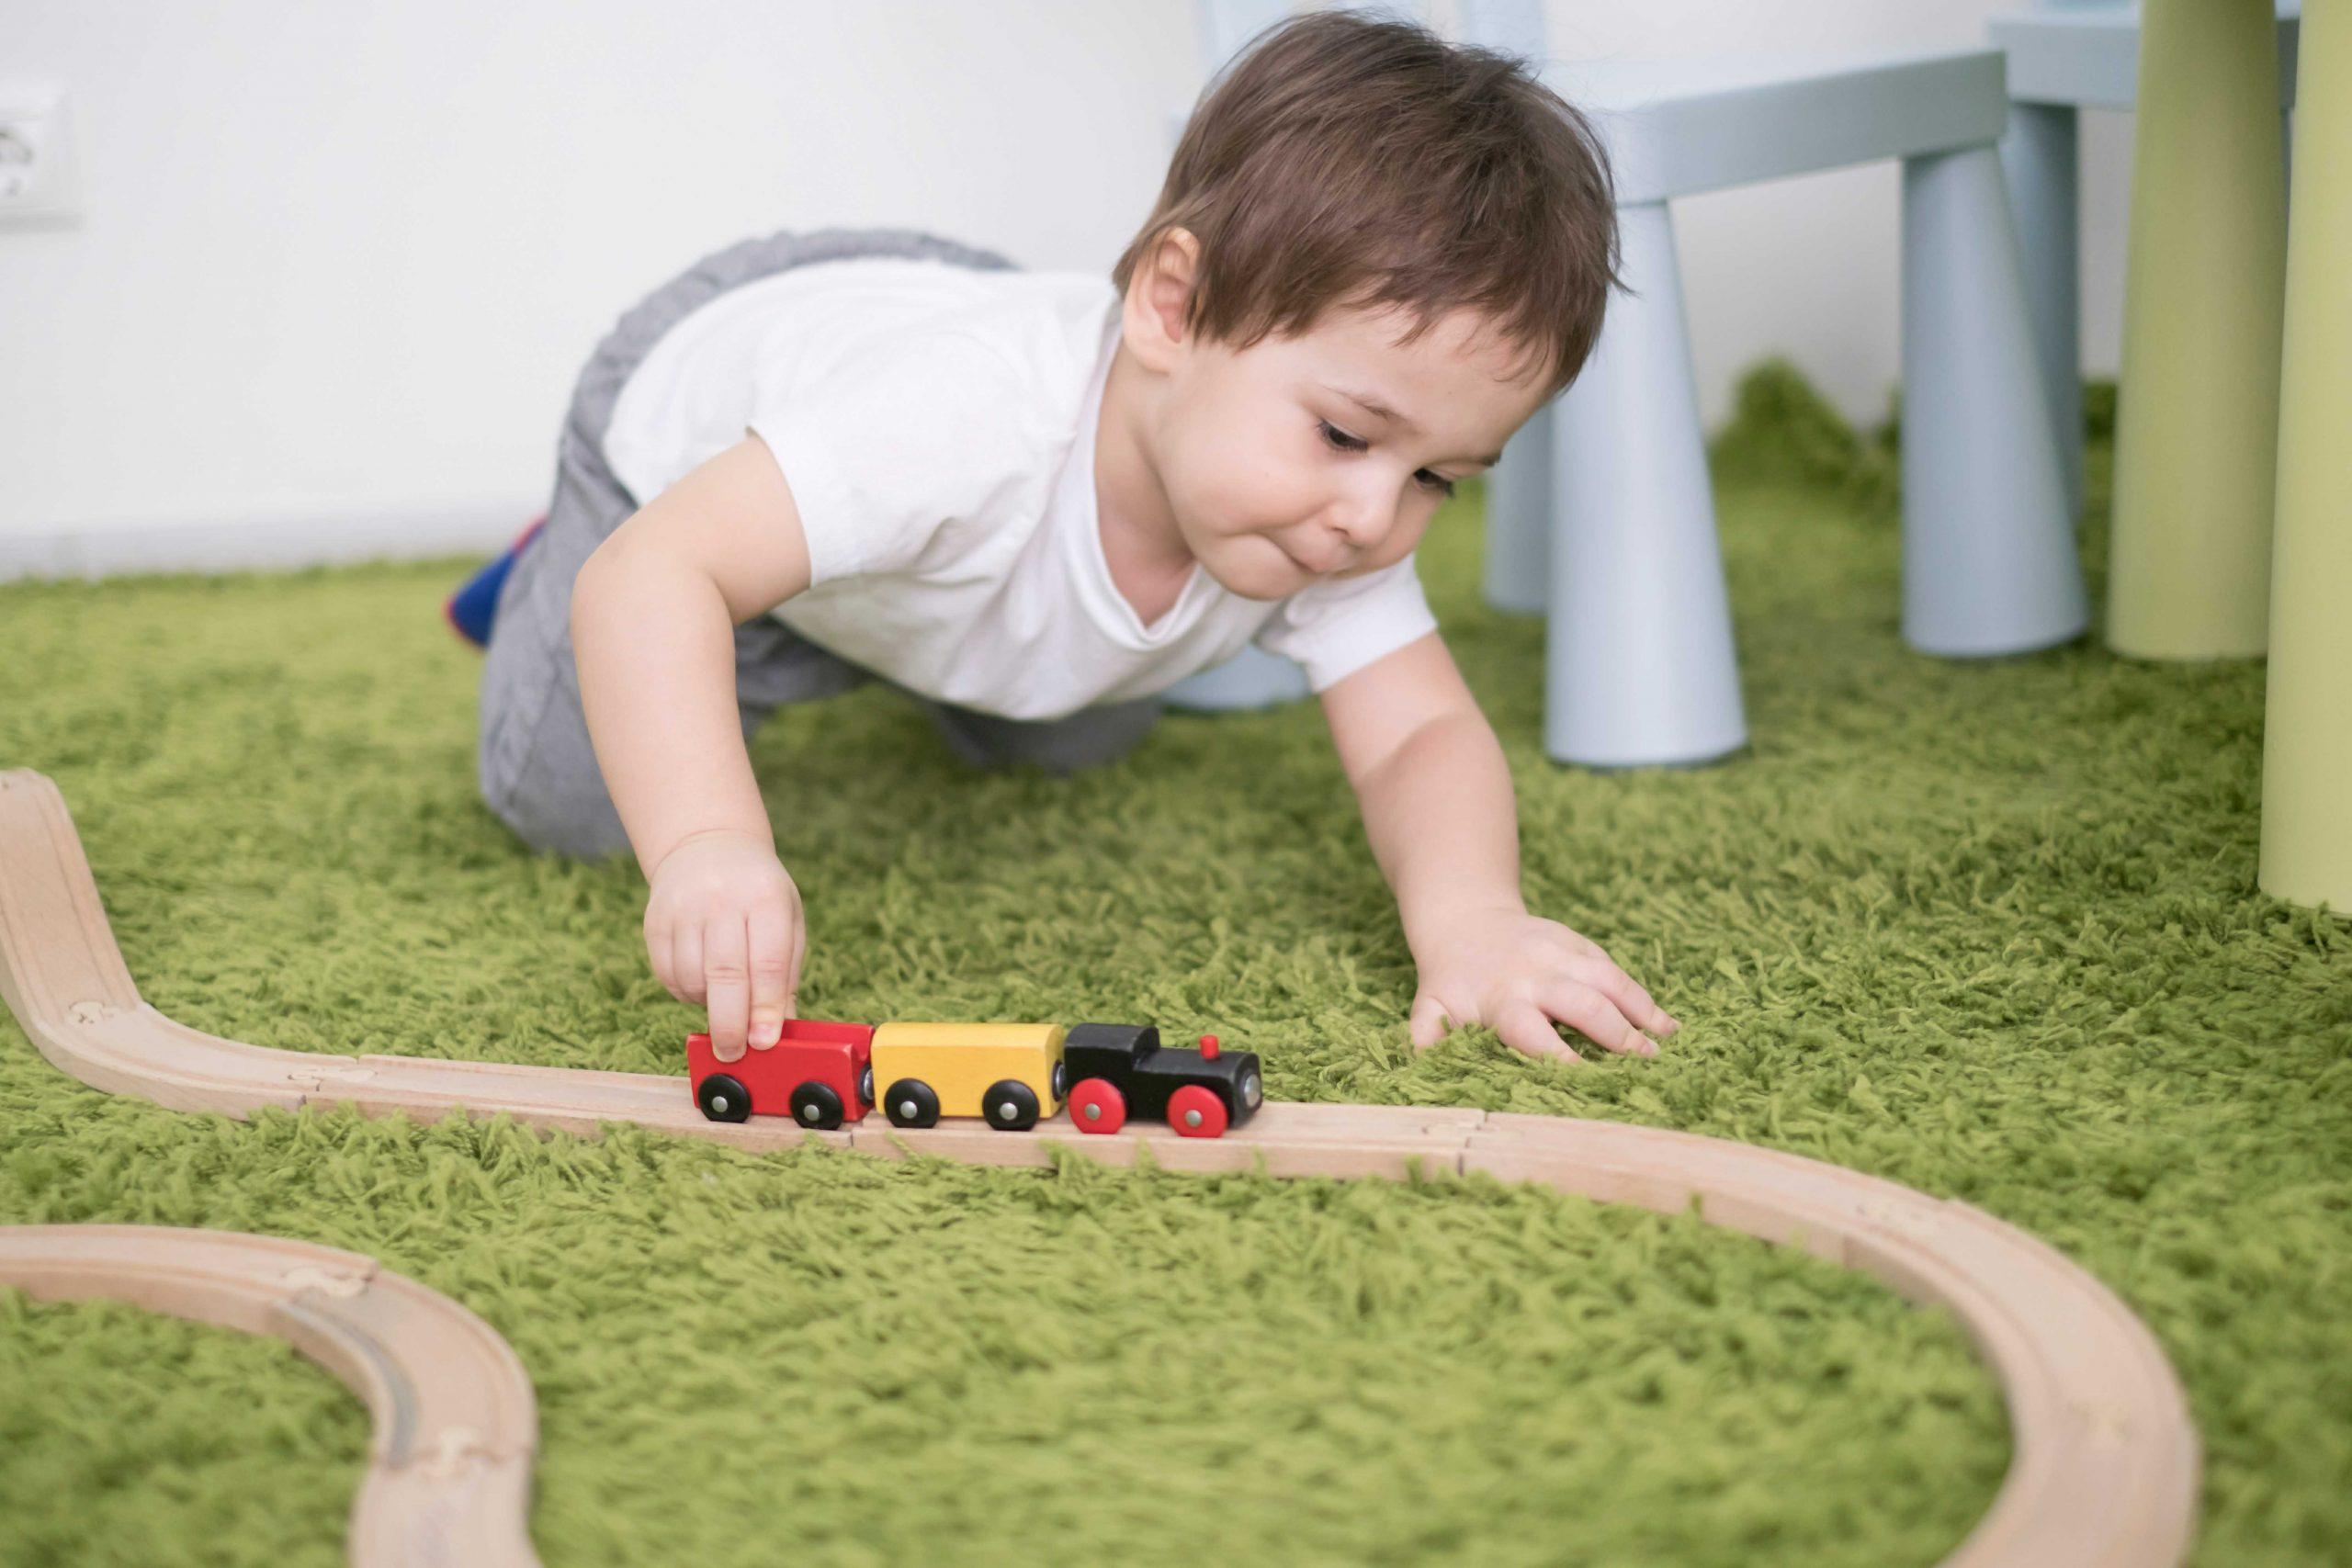 האם ילדים עם אוטיזם עשויים לפתח כישורים חברתיים תקינים?